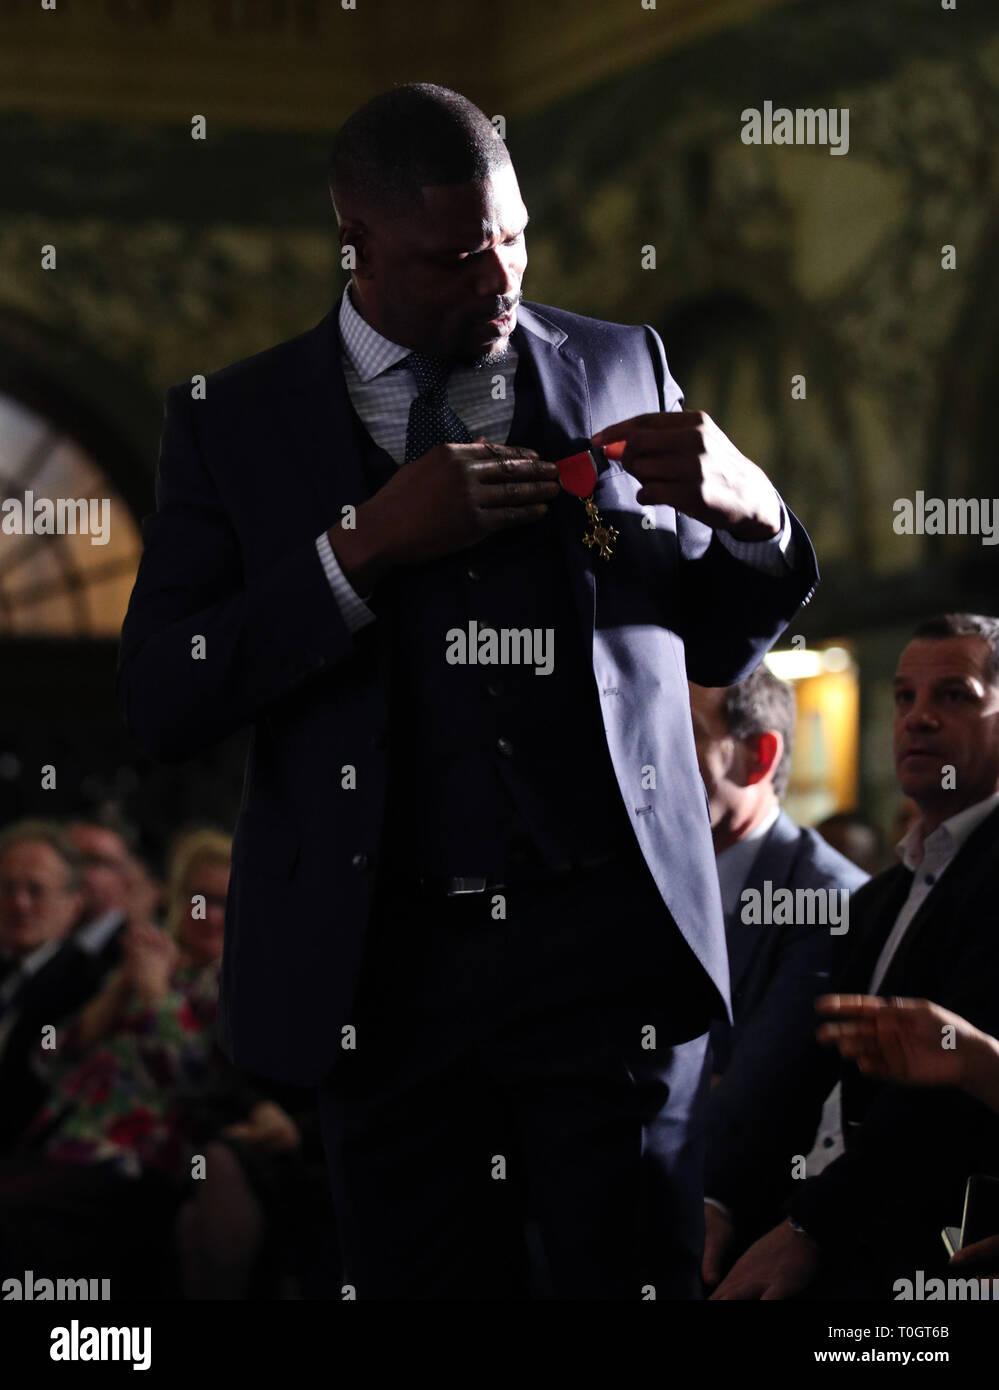 El Dr. Mark Prince OBE se prepara para hablar sobre el escenario, durante una fiesta en su honor organizada por la City of London Corporation, en el Old Bailey, en Londres. Mark de 15 años de edad, hijo, PRÍNCIPE Kiyan, fue brutalmente apuñalado y asesinado por pacíficamente intentando romper una pelea en el exterior de su escuela el 18 de mayo de 2006. Imagen De Stock